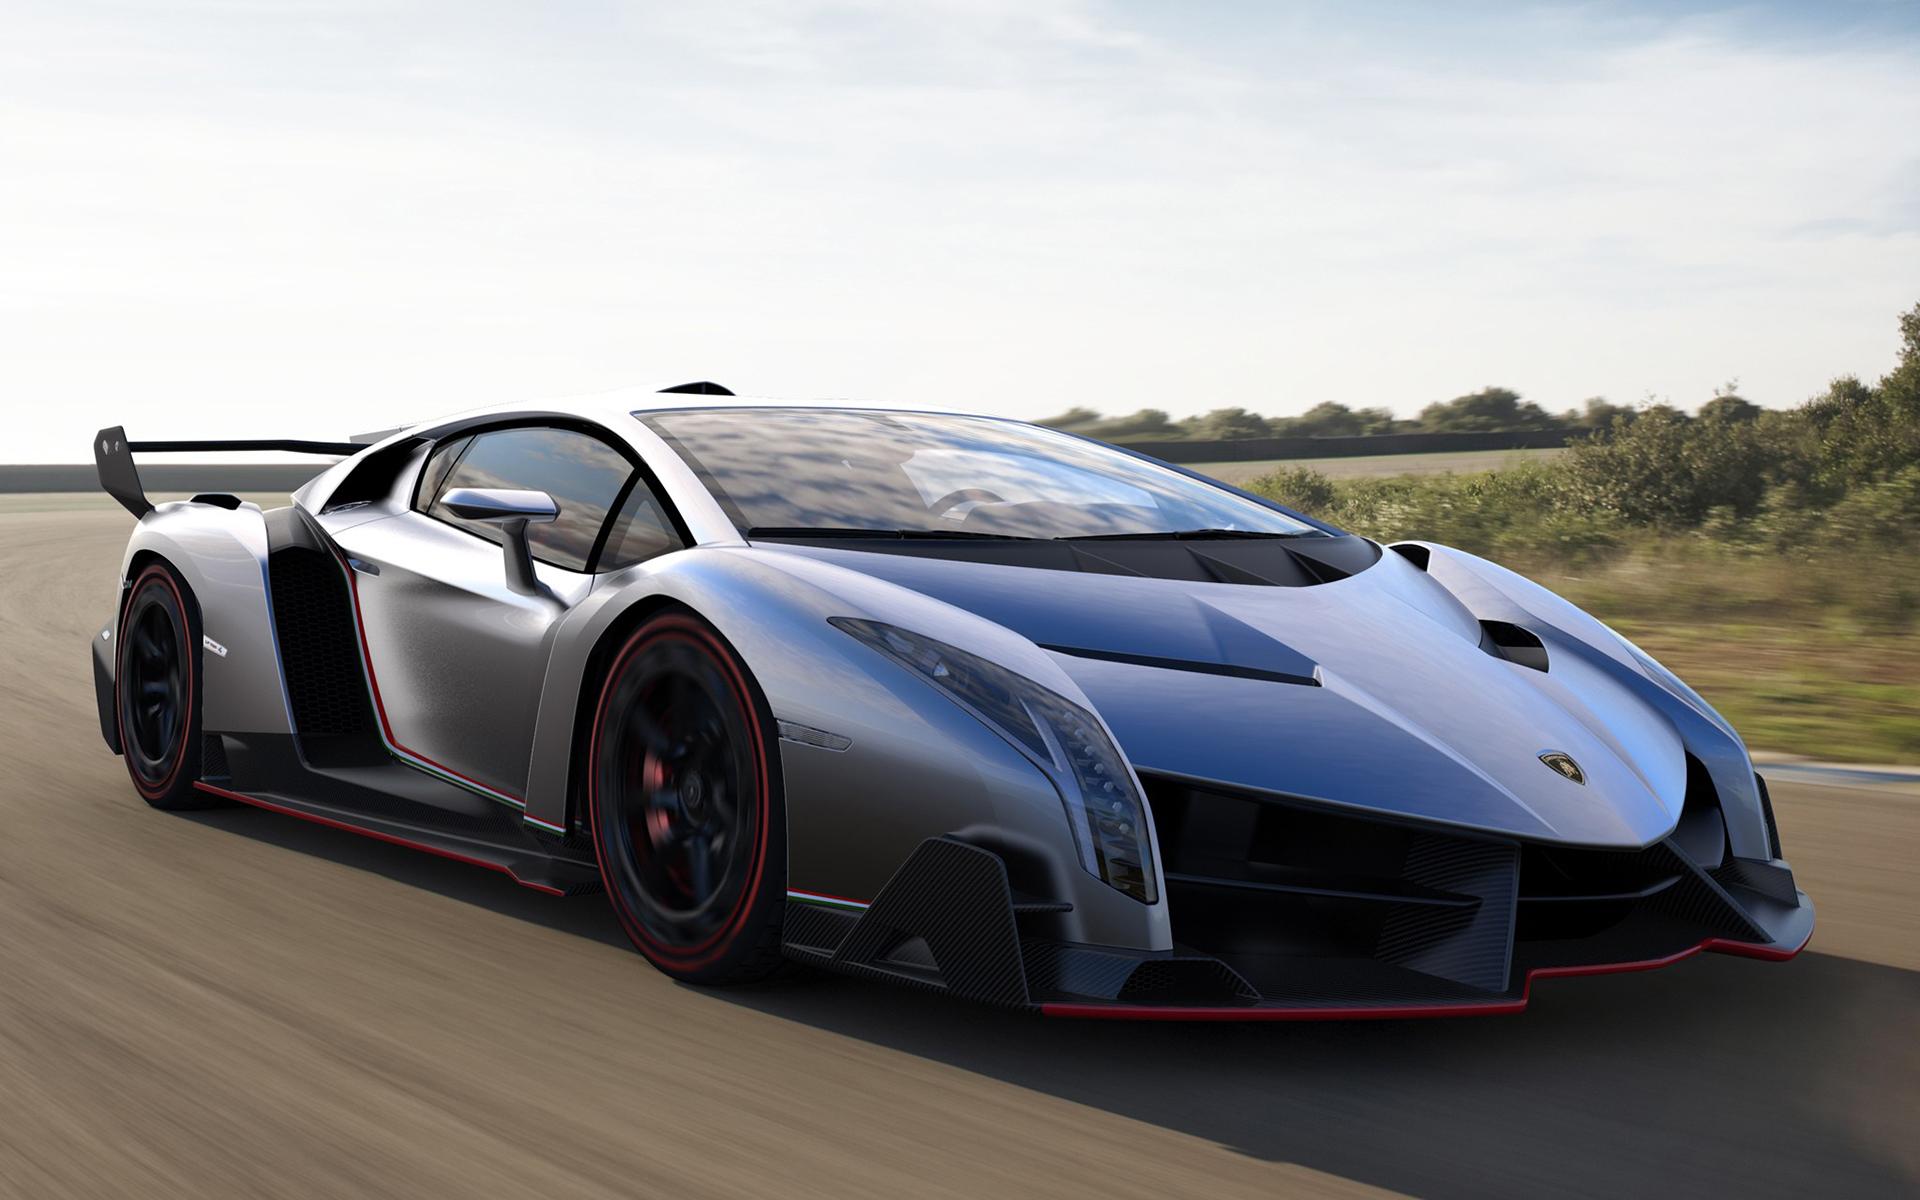 Lamborghini Veneno supercars concept wallpaper 1920x1200 48617 1920x1200